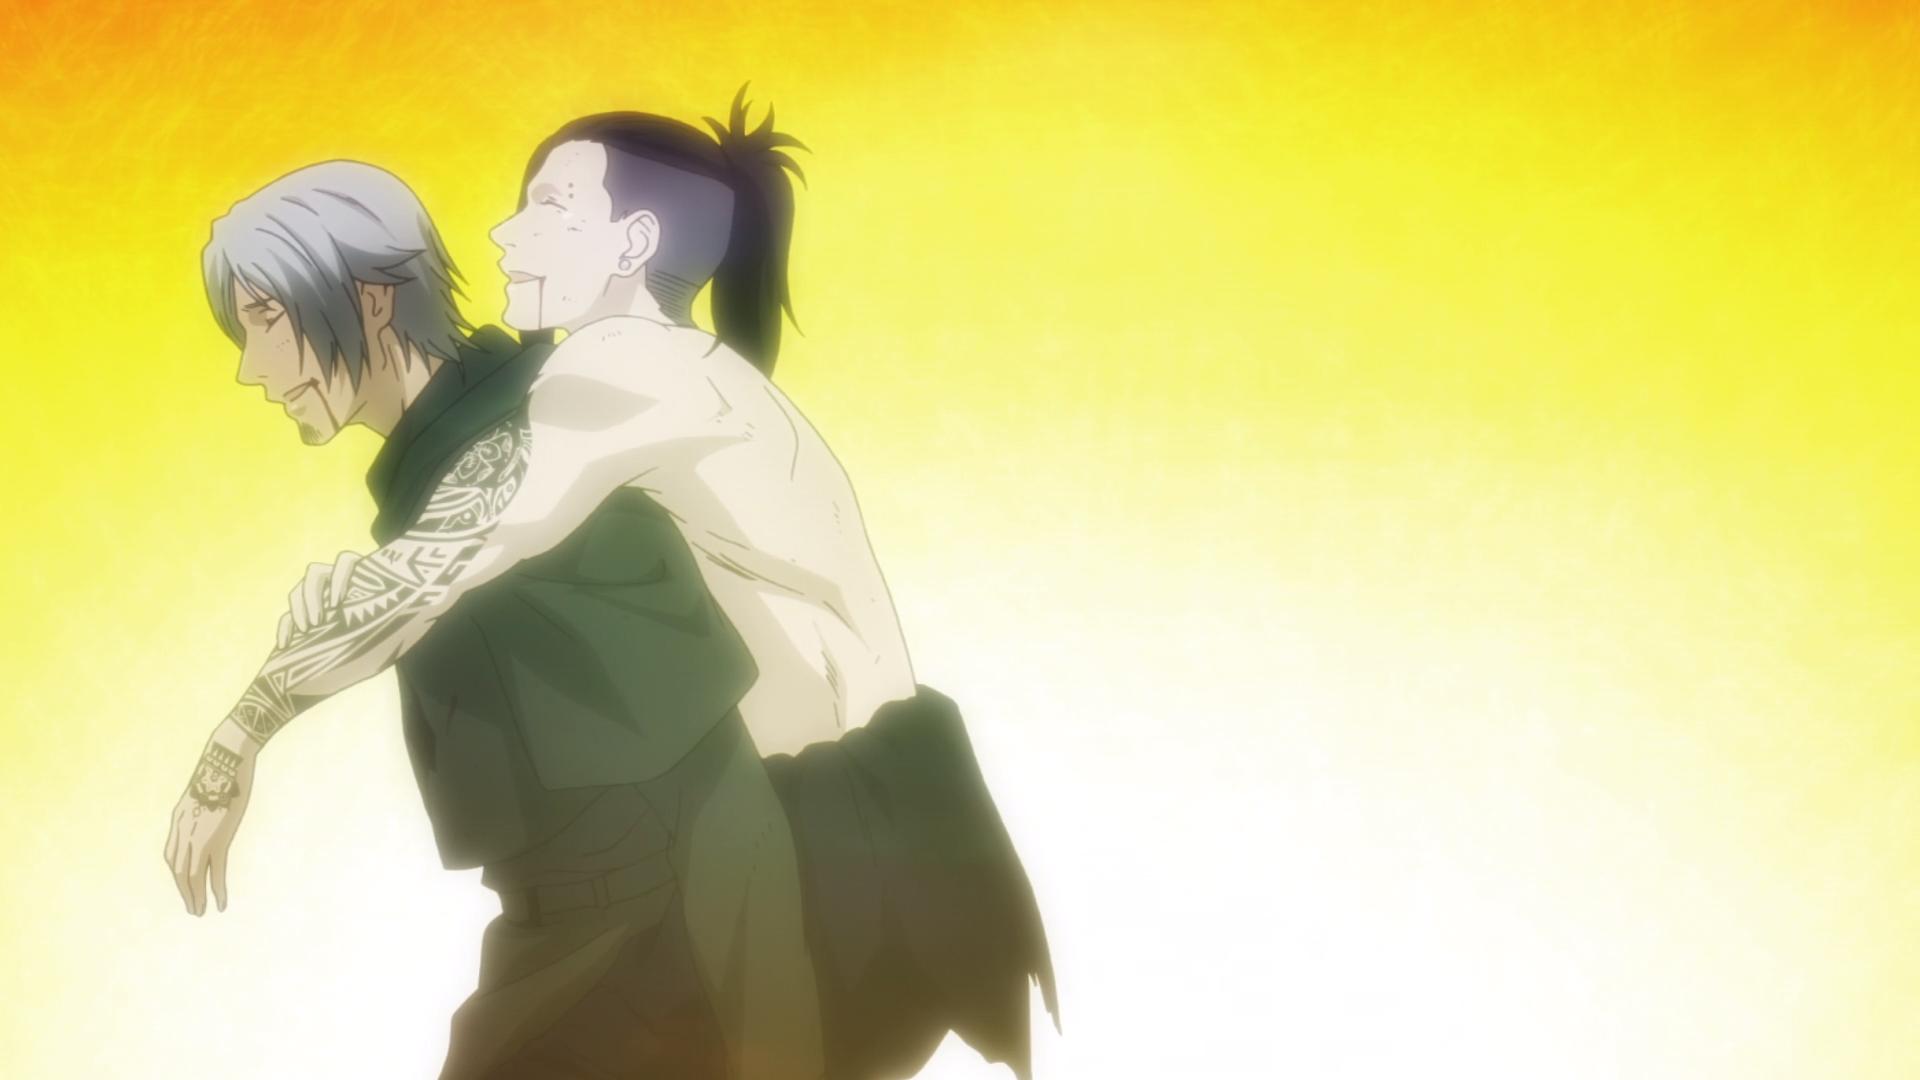 Tokyo Ghoul re season 2 episode 11 #tokyoghoul #tokyoghoulre